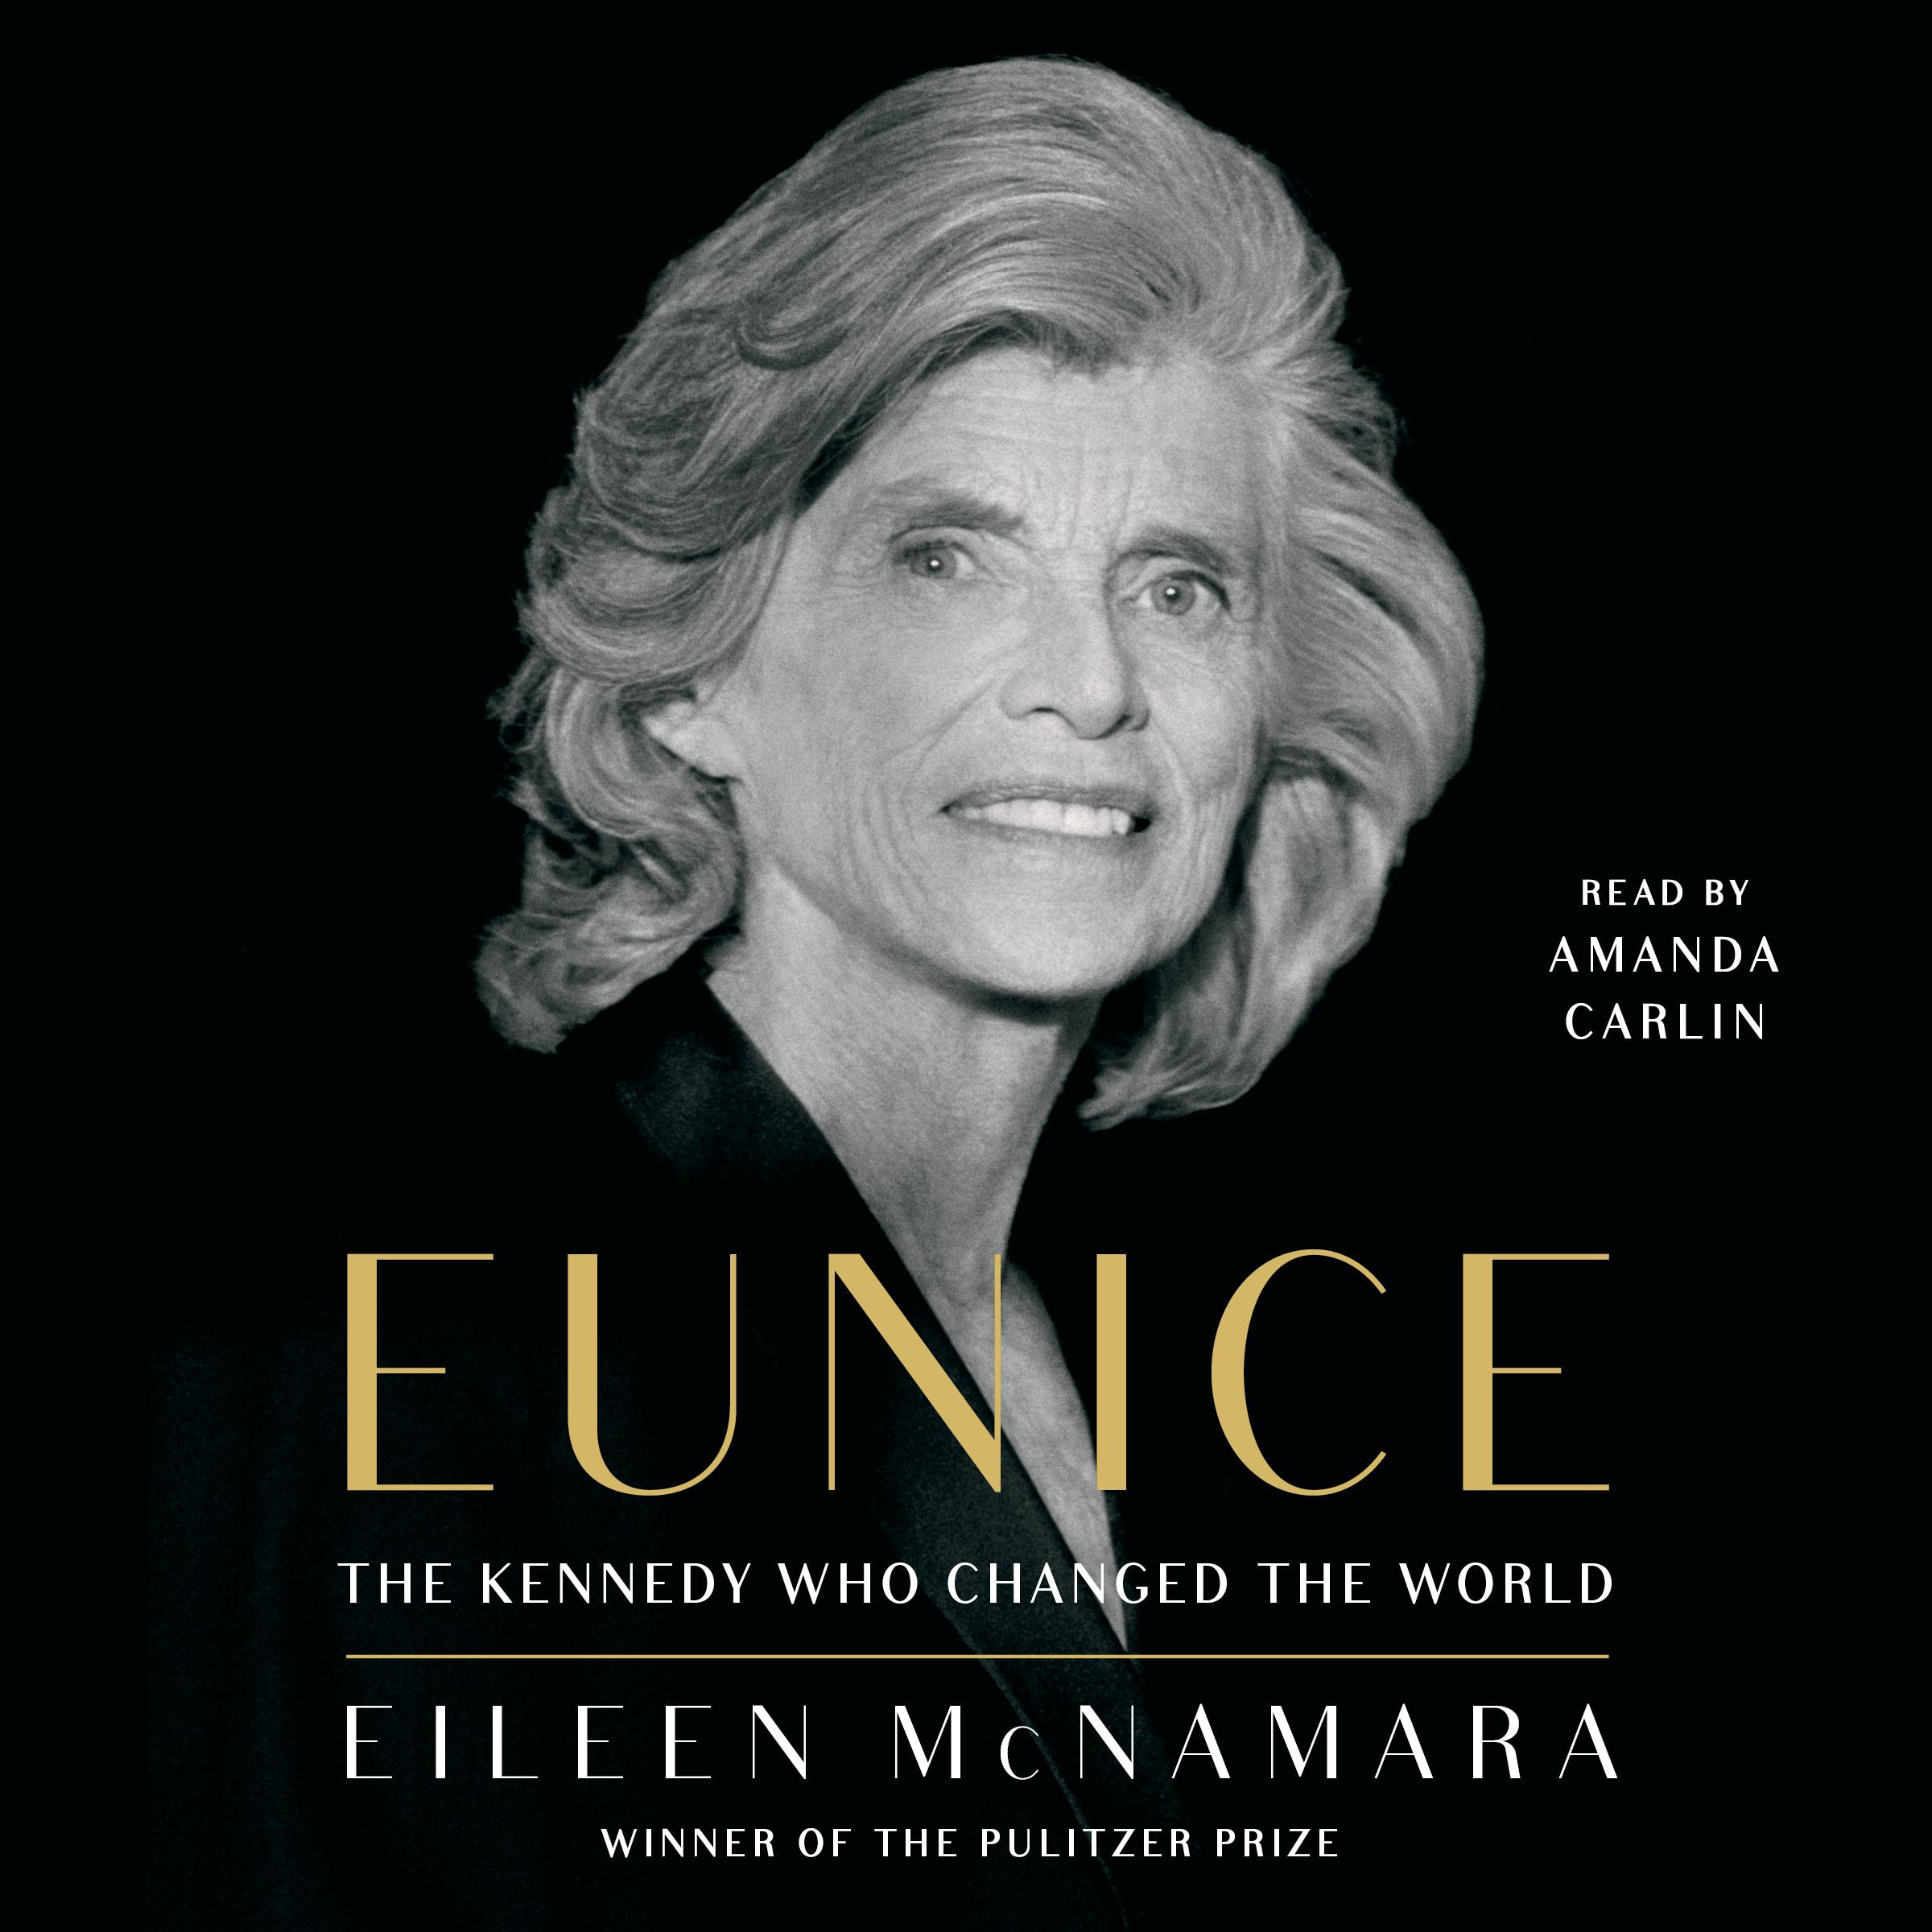 Eunice 9781508254959 hr